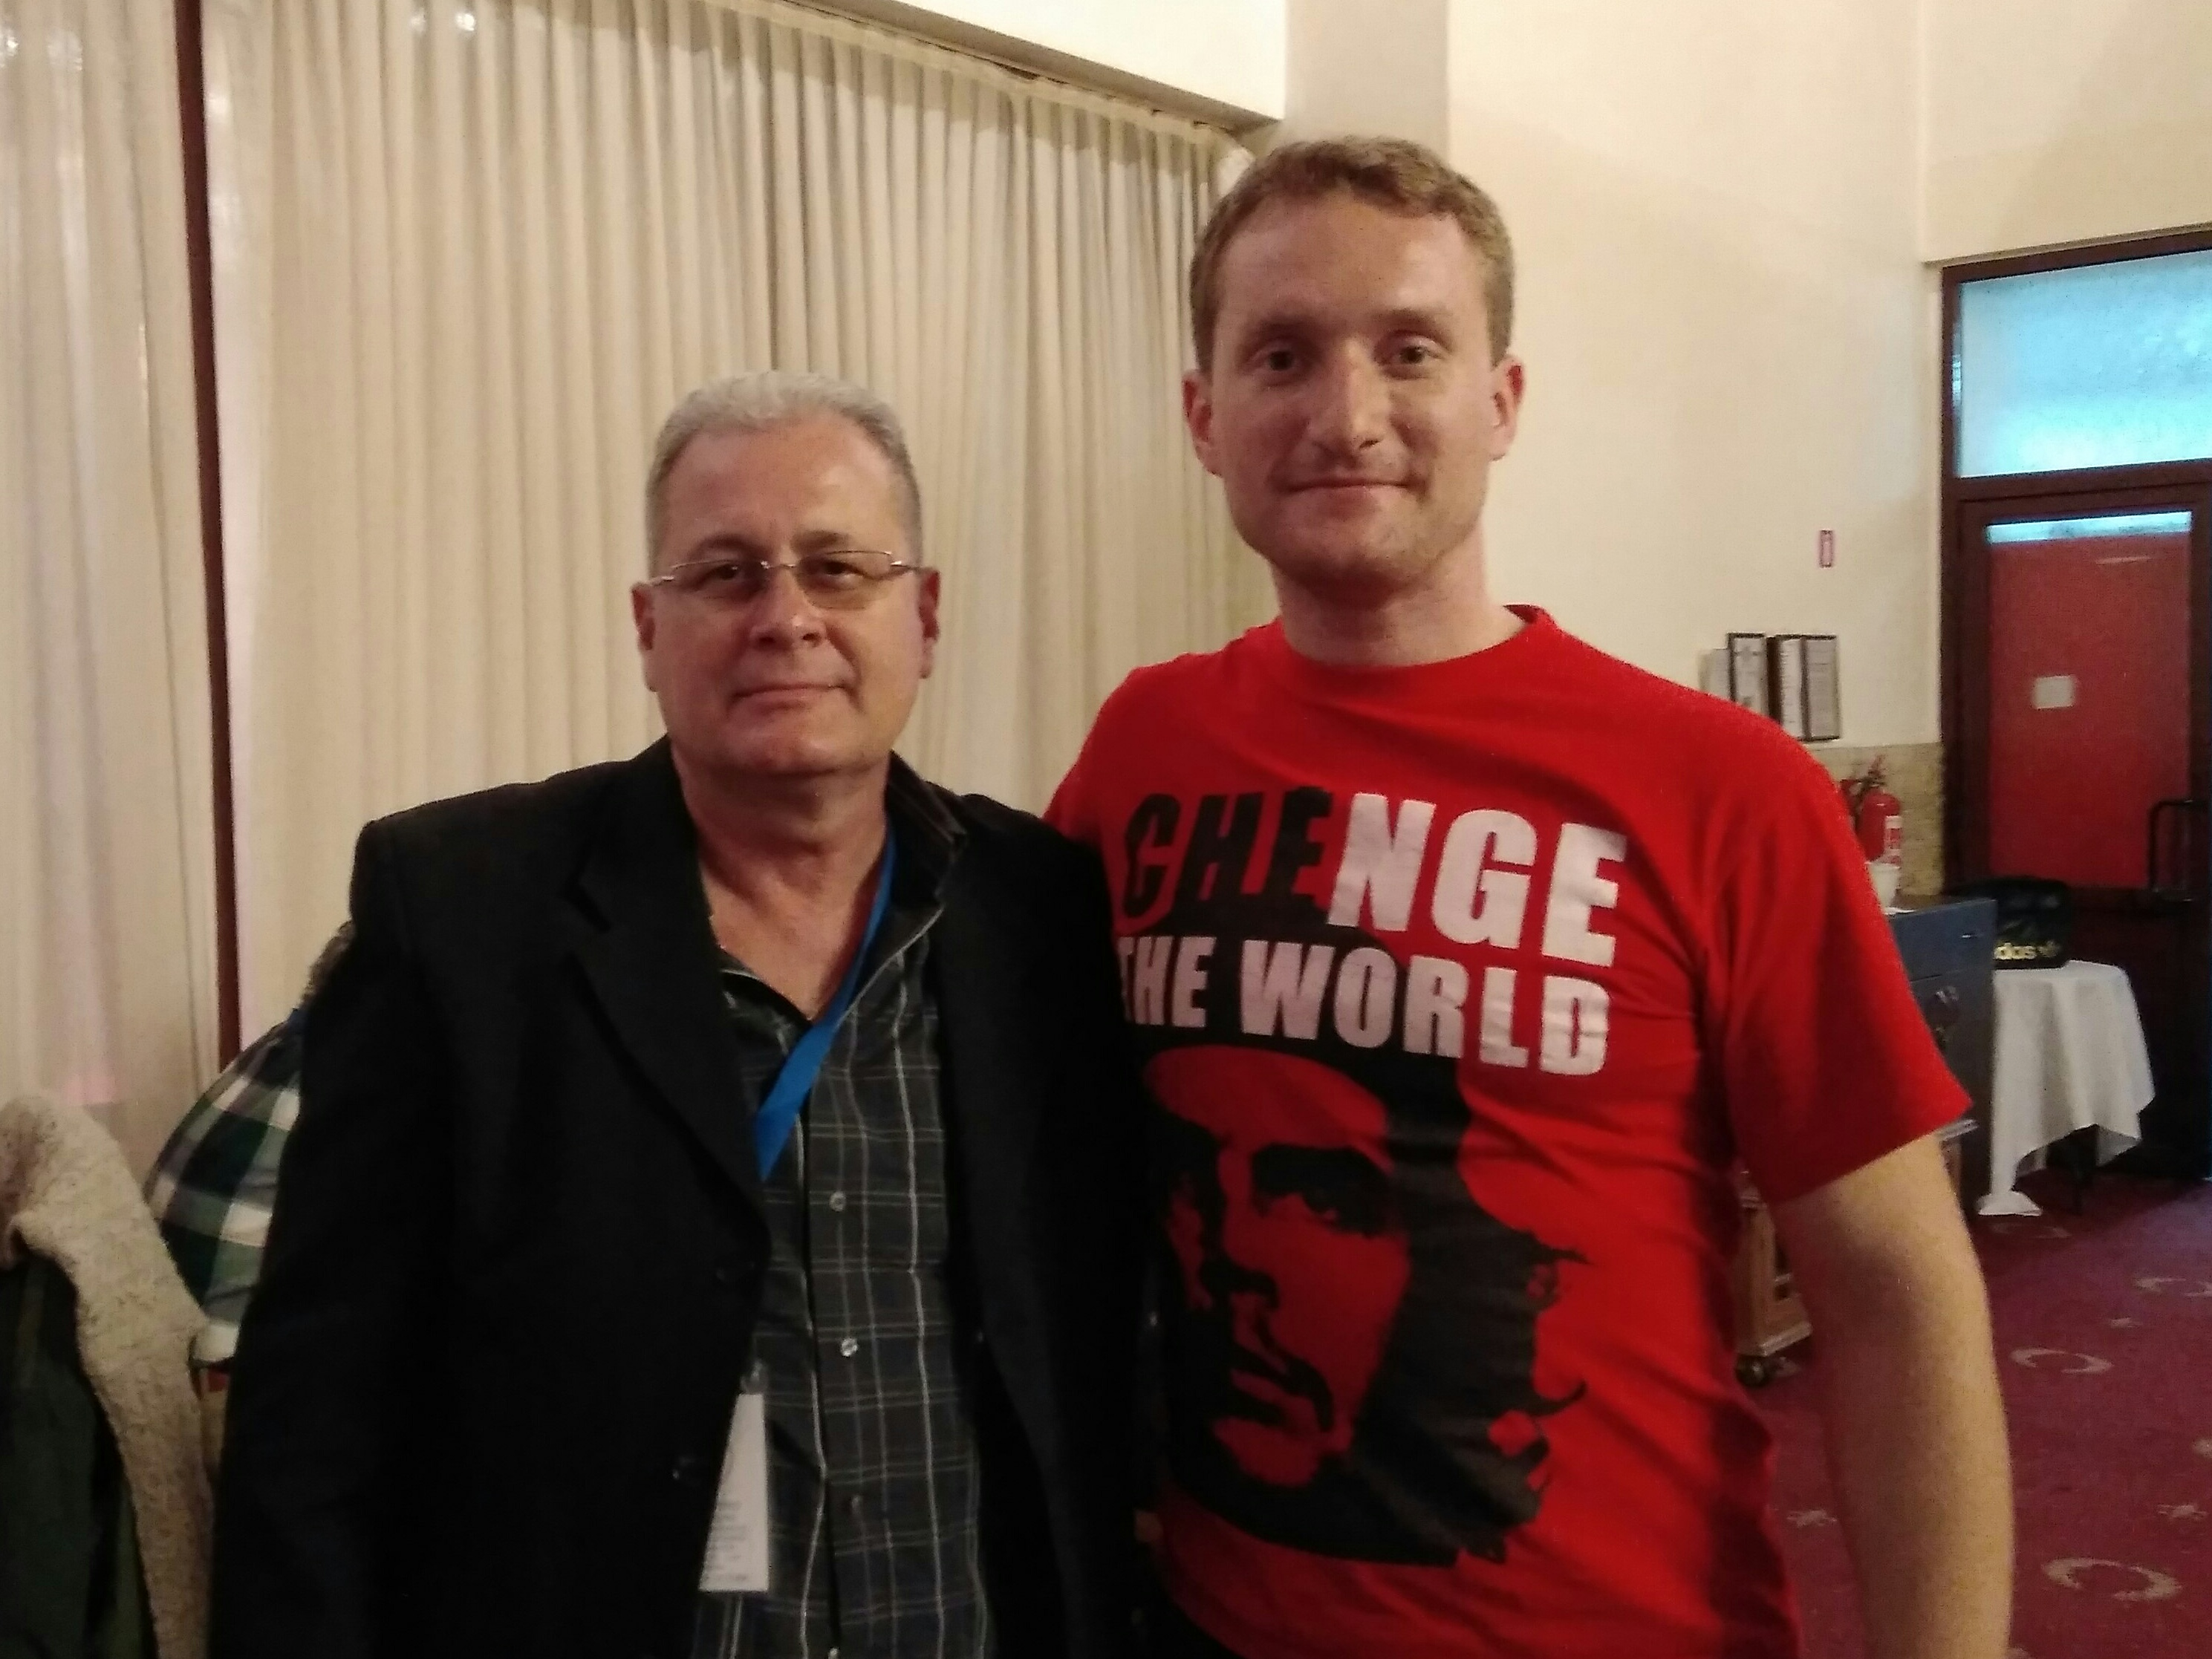 """Станислав Ретински заедно с ръководителя на кубинската делегация Елио Гамес, след като му връчи паричната помощ от жителите на ДНР за пострадалите от урагана """"Ирма"""" в Куба"""